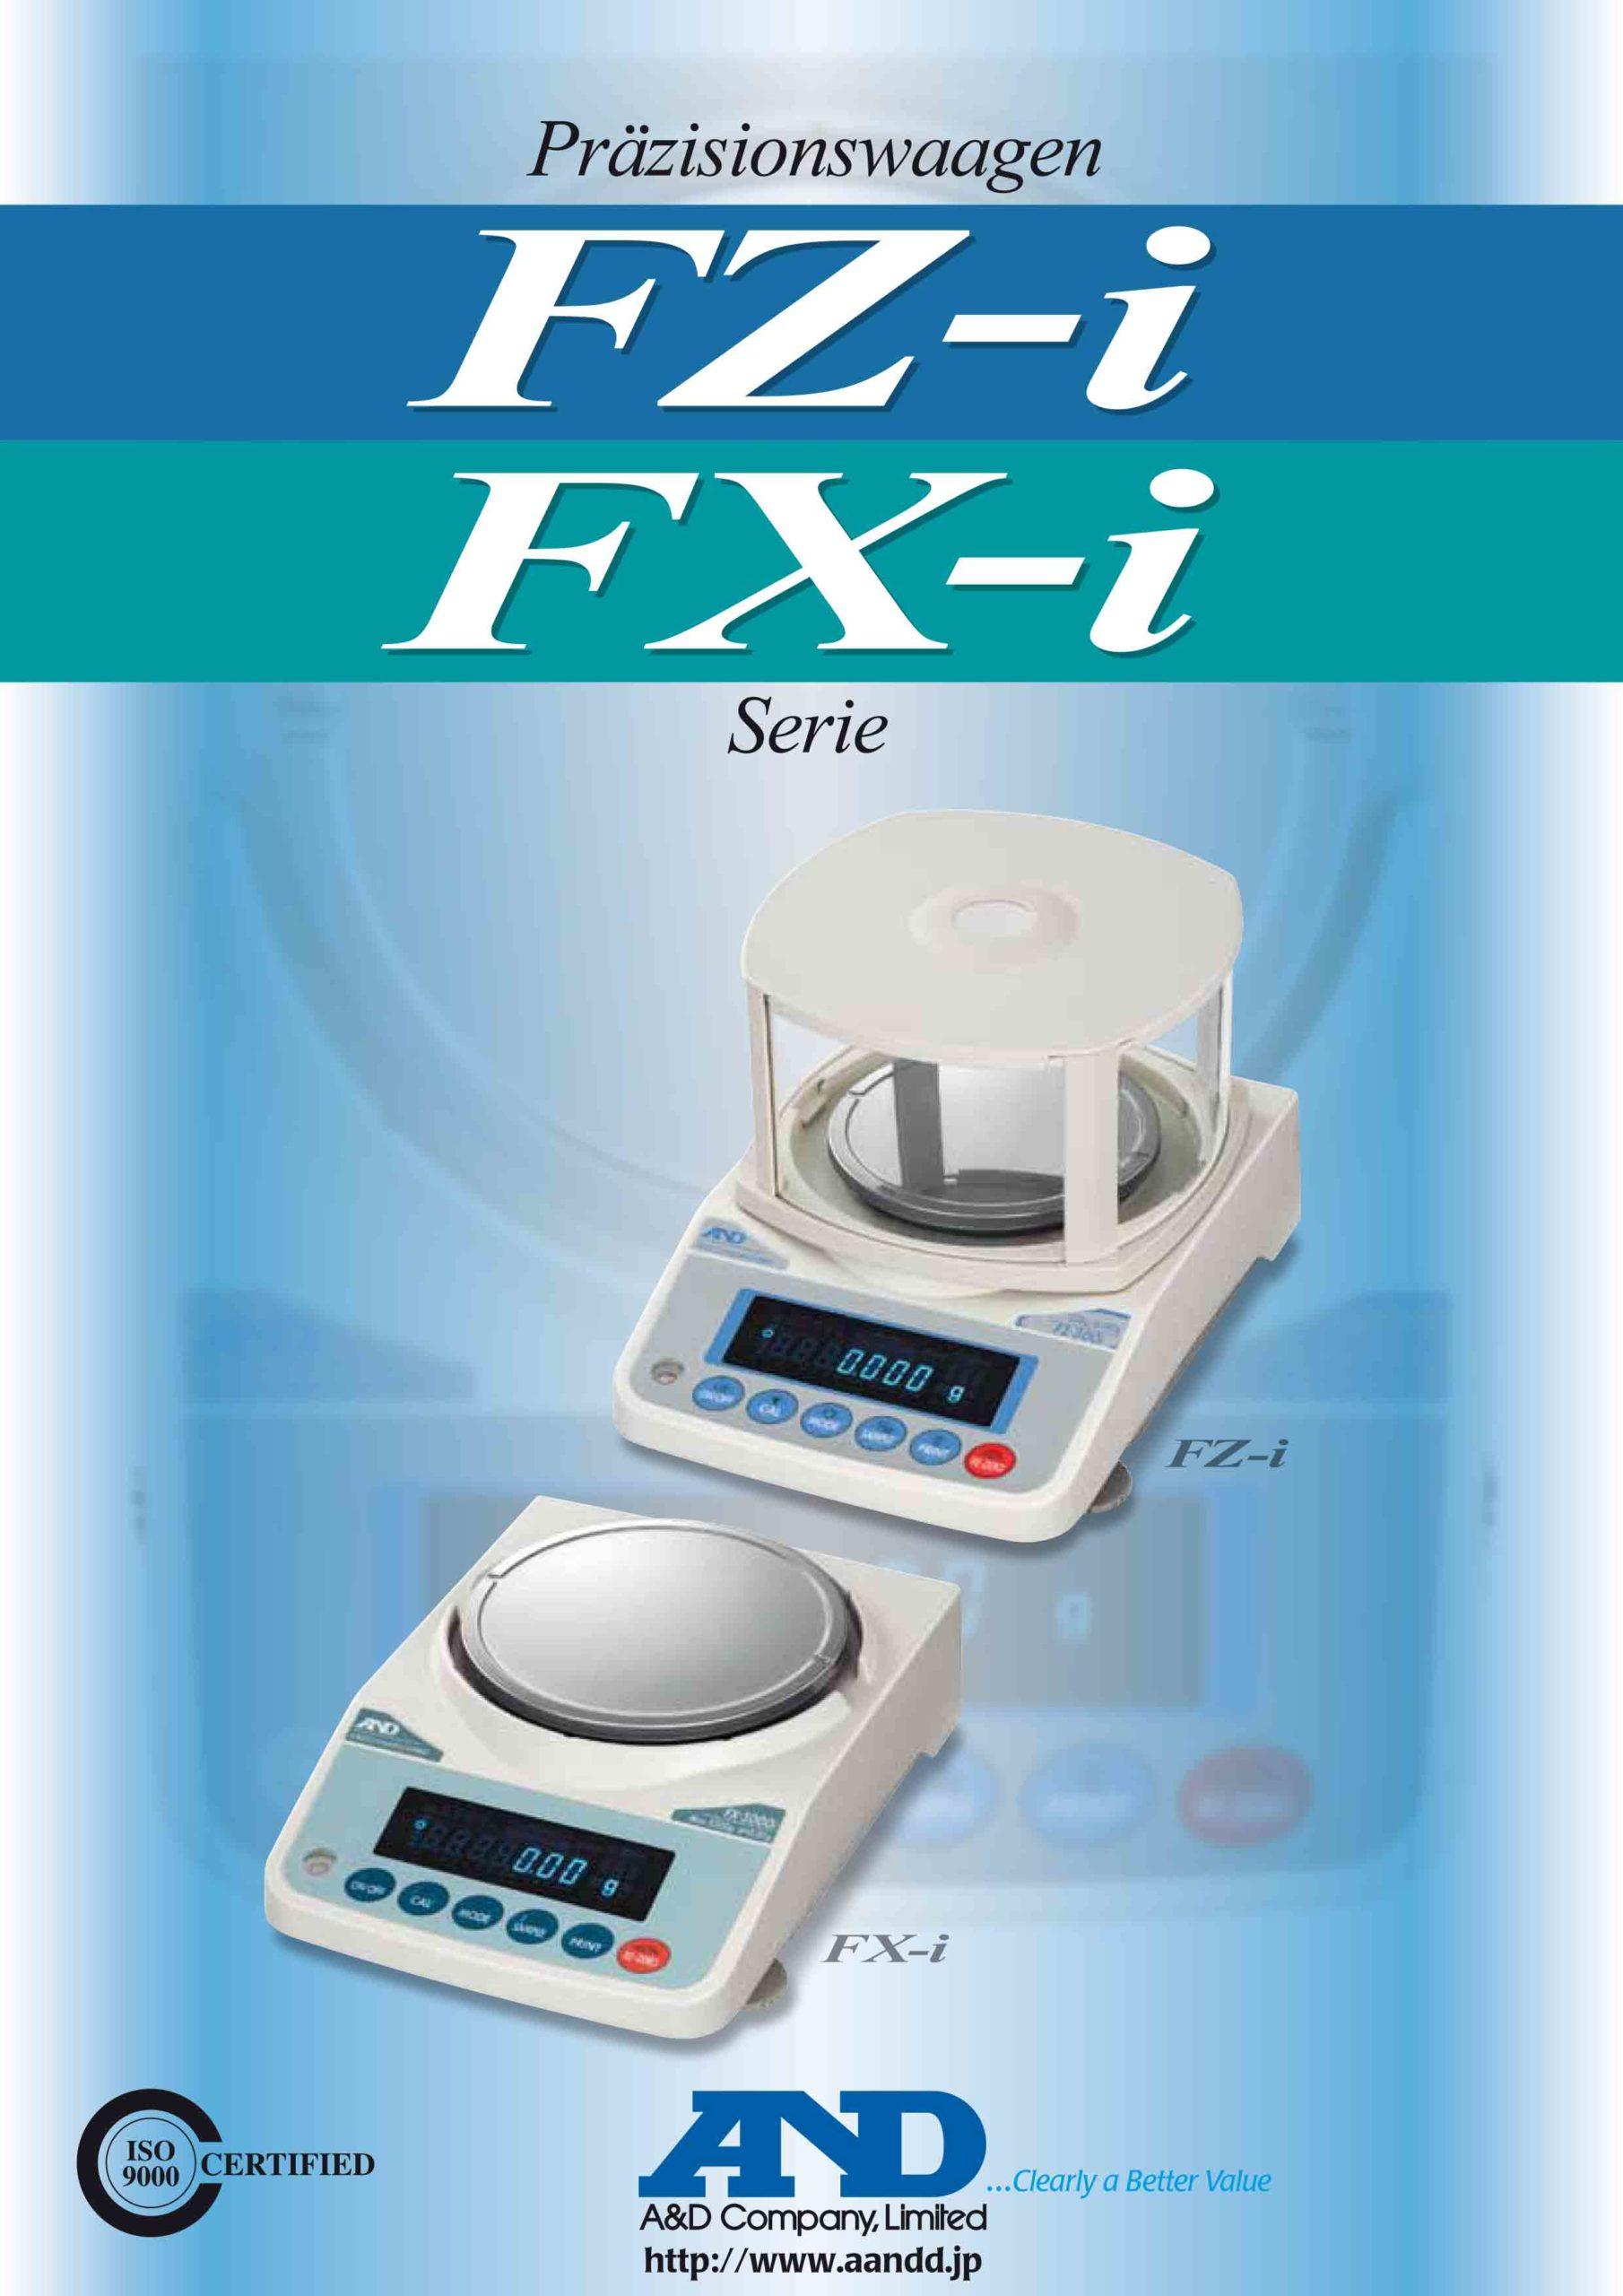 Analysenwaagen und Präzisisonswaagen - A&D FZ-i und FX-i